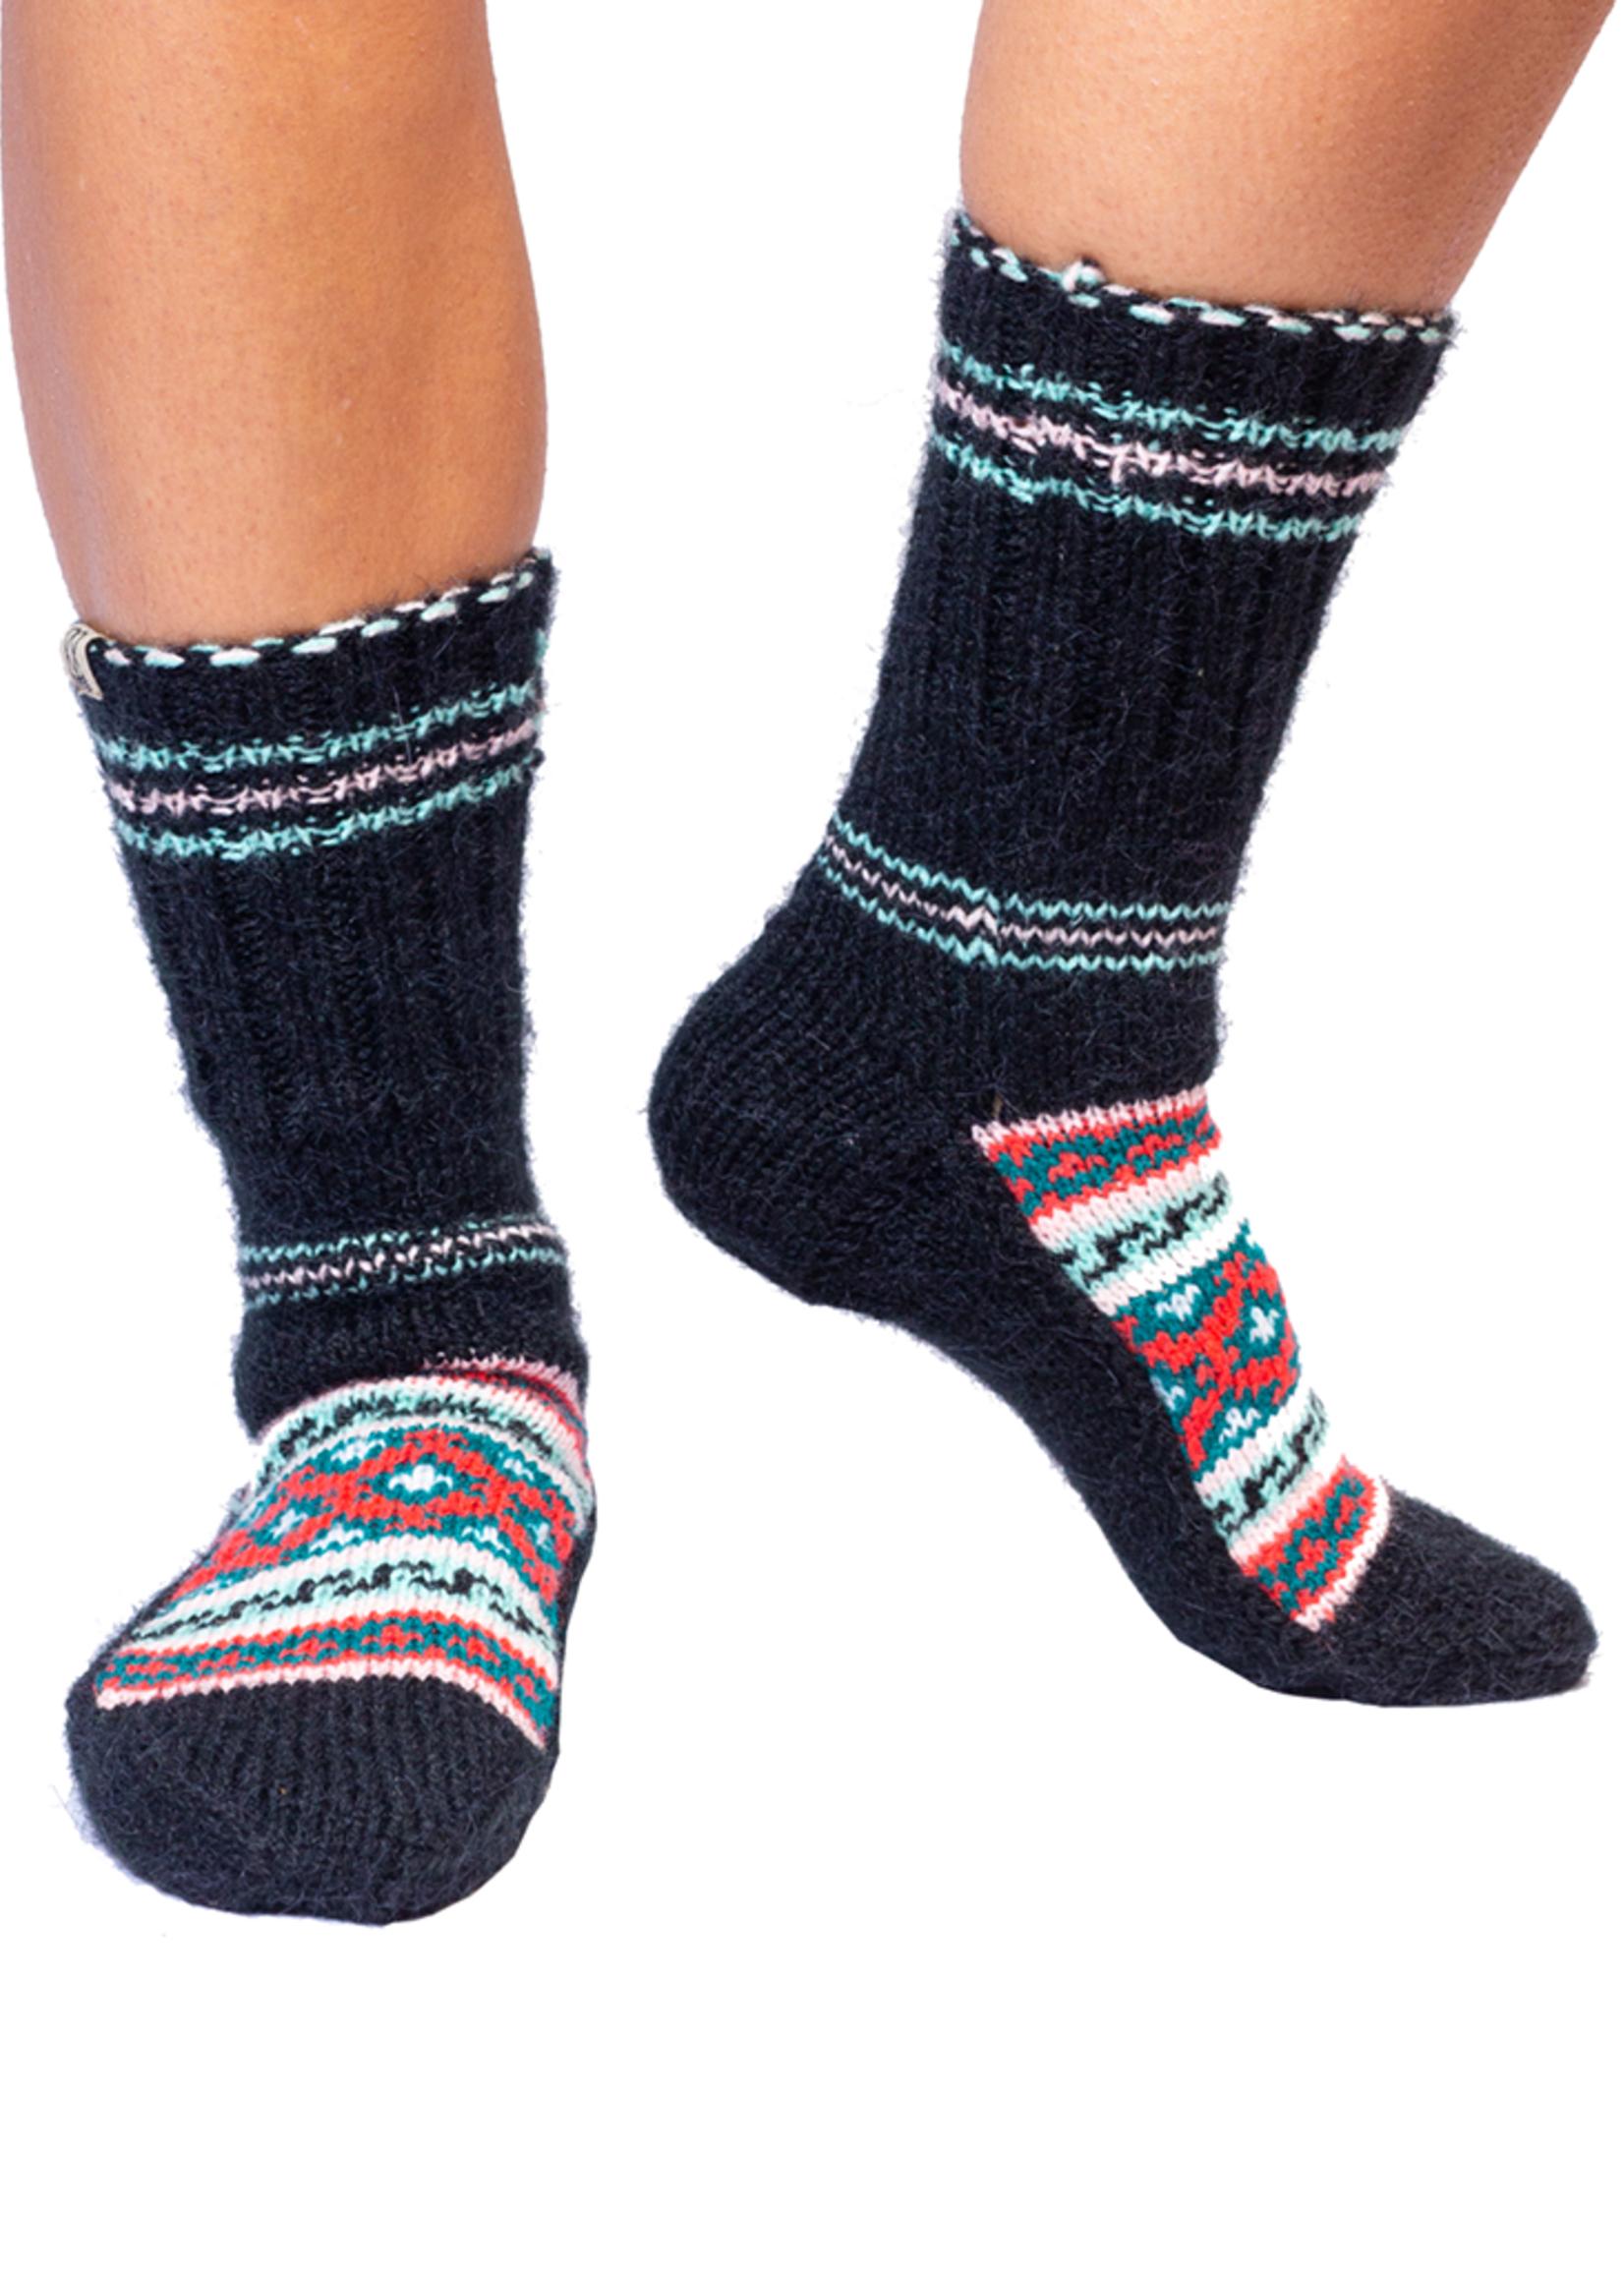 Raajasee (Royal) Black and Coral Socks